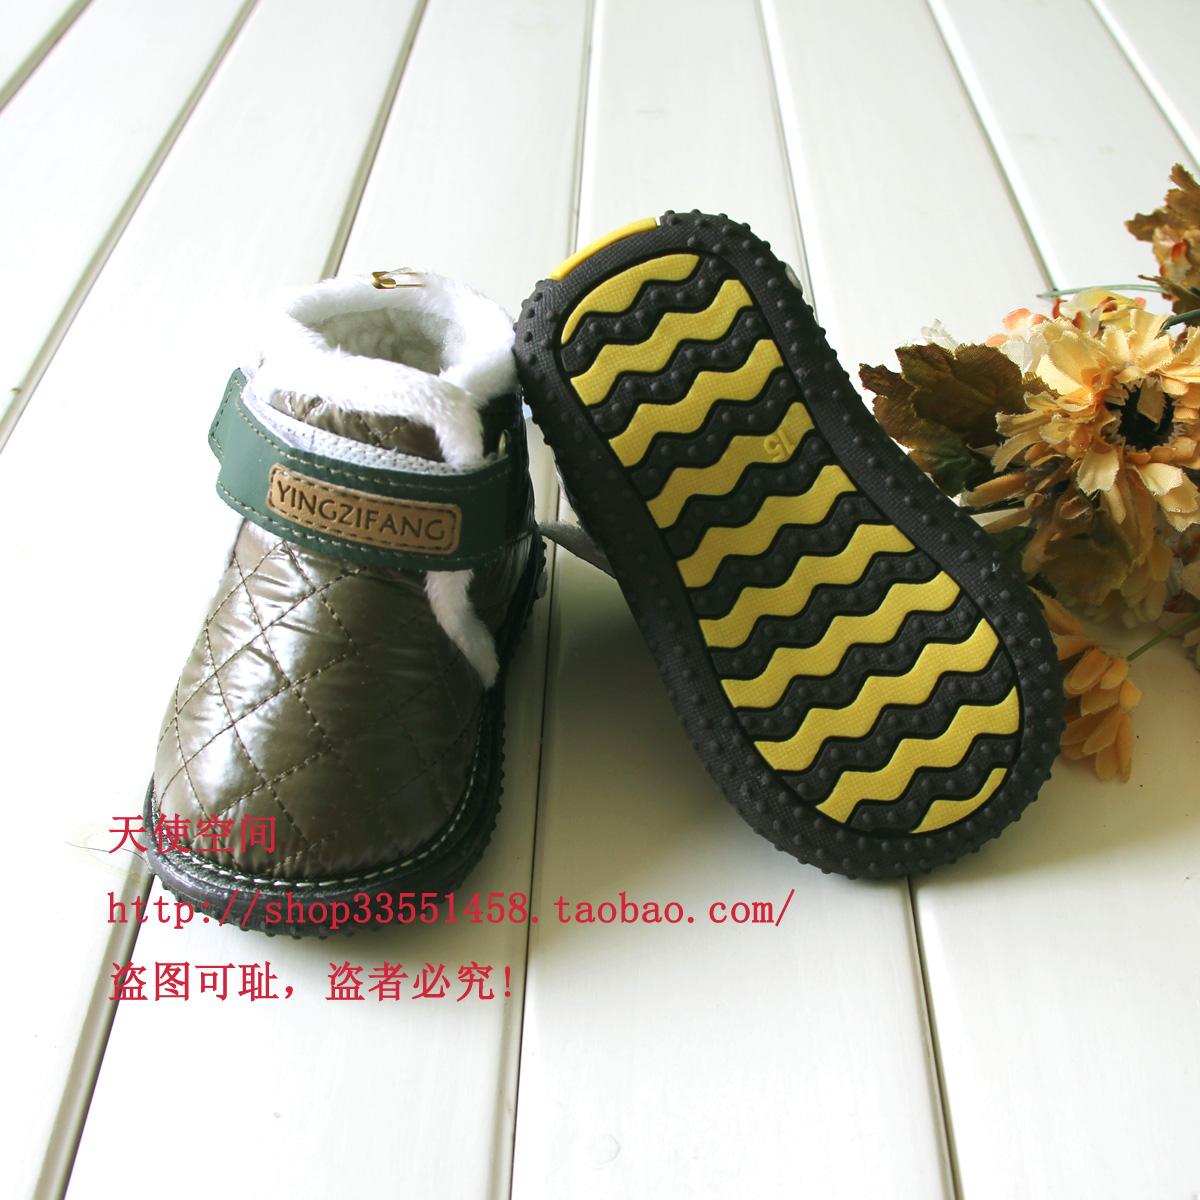 婴姿坊冬新款782男童鞋内绒冬鞋棉鞋学步鞋15-18码内长12-14